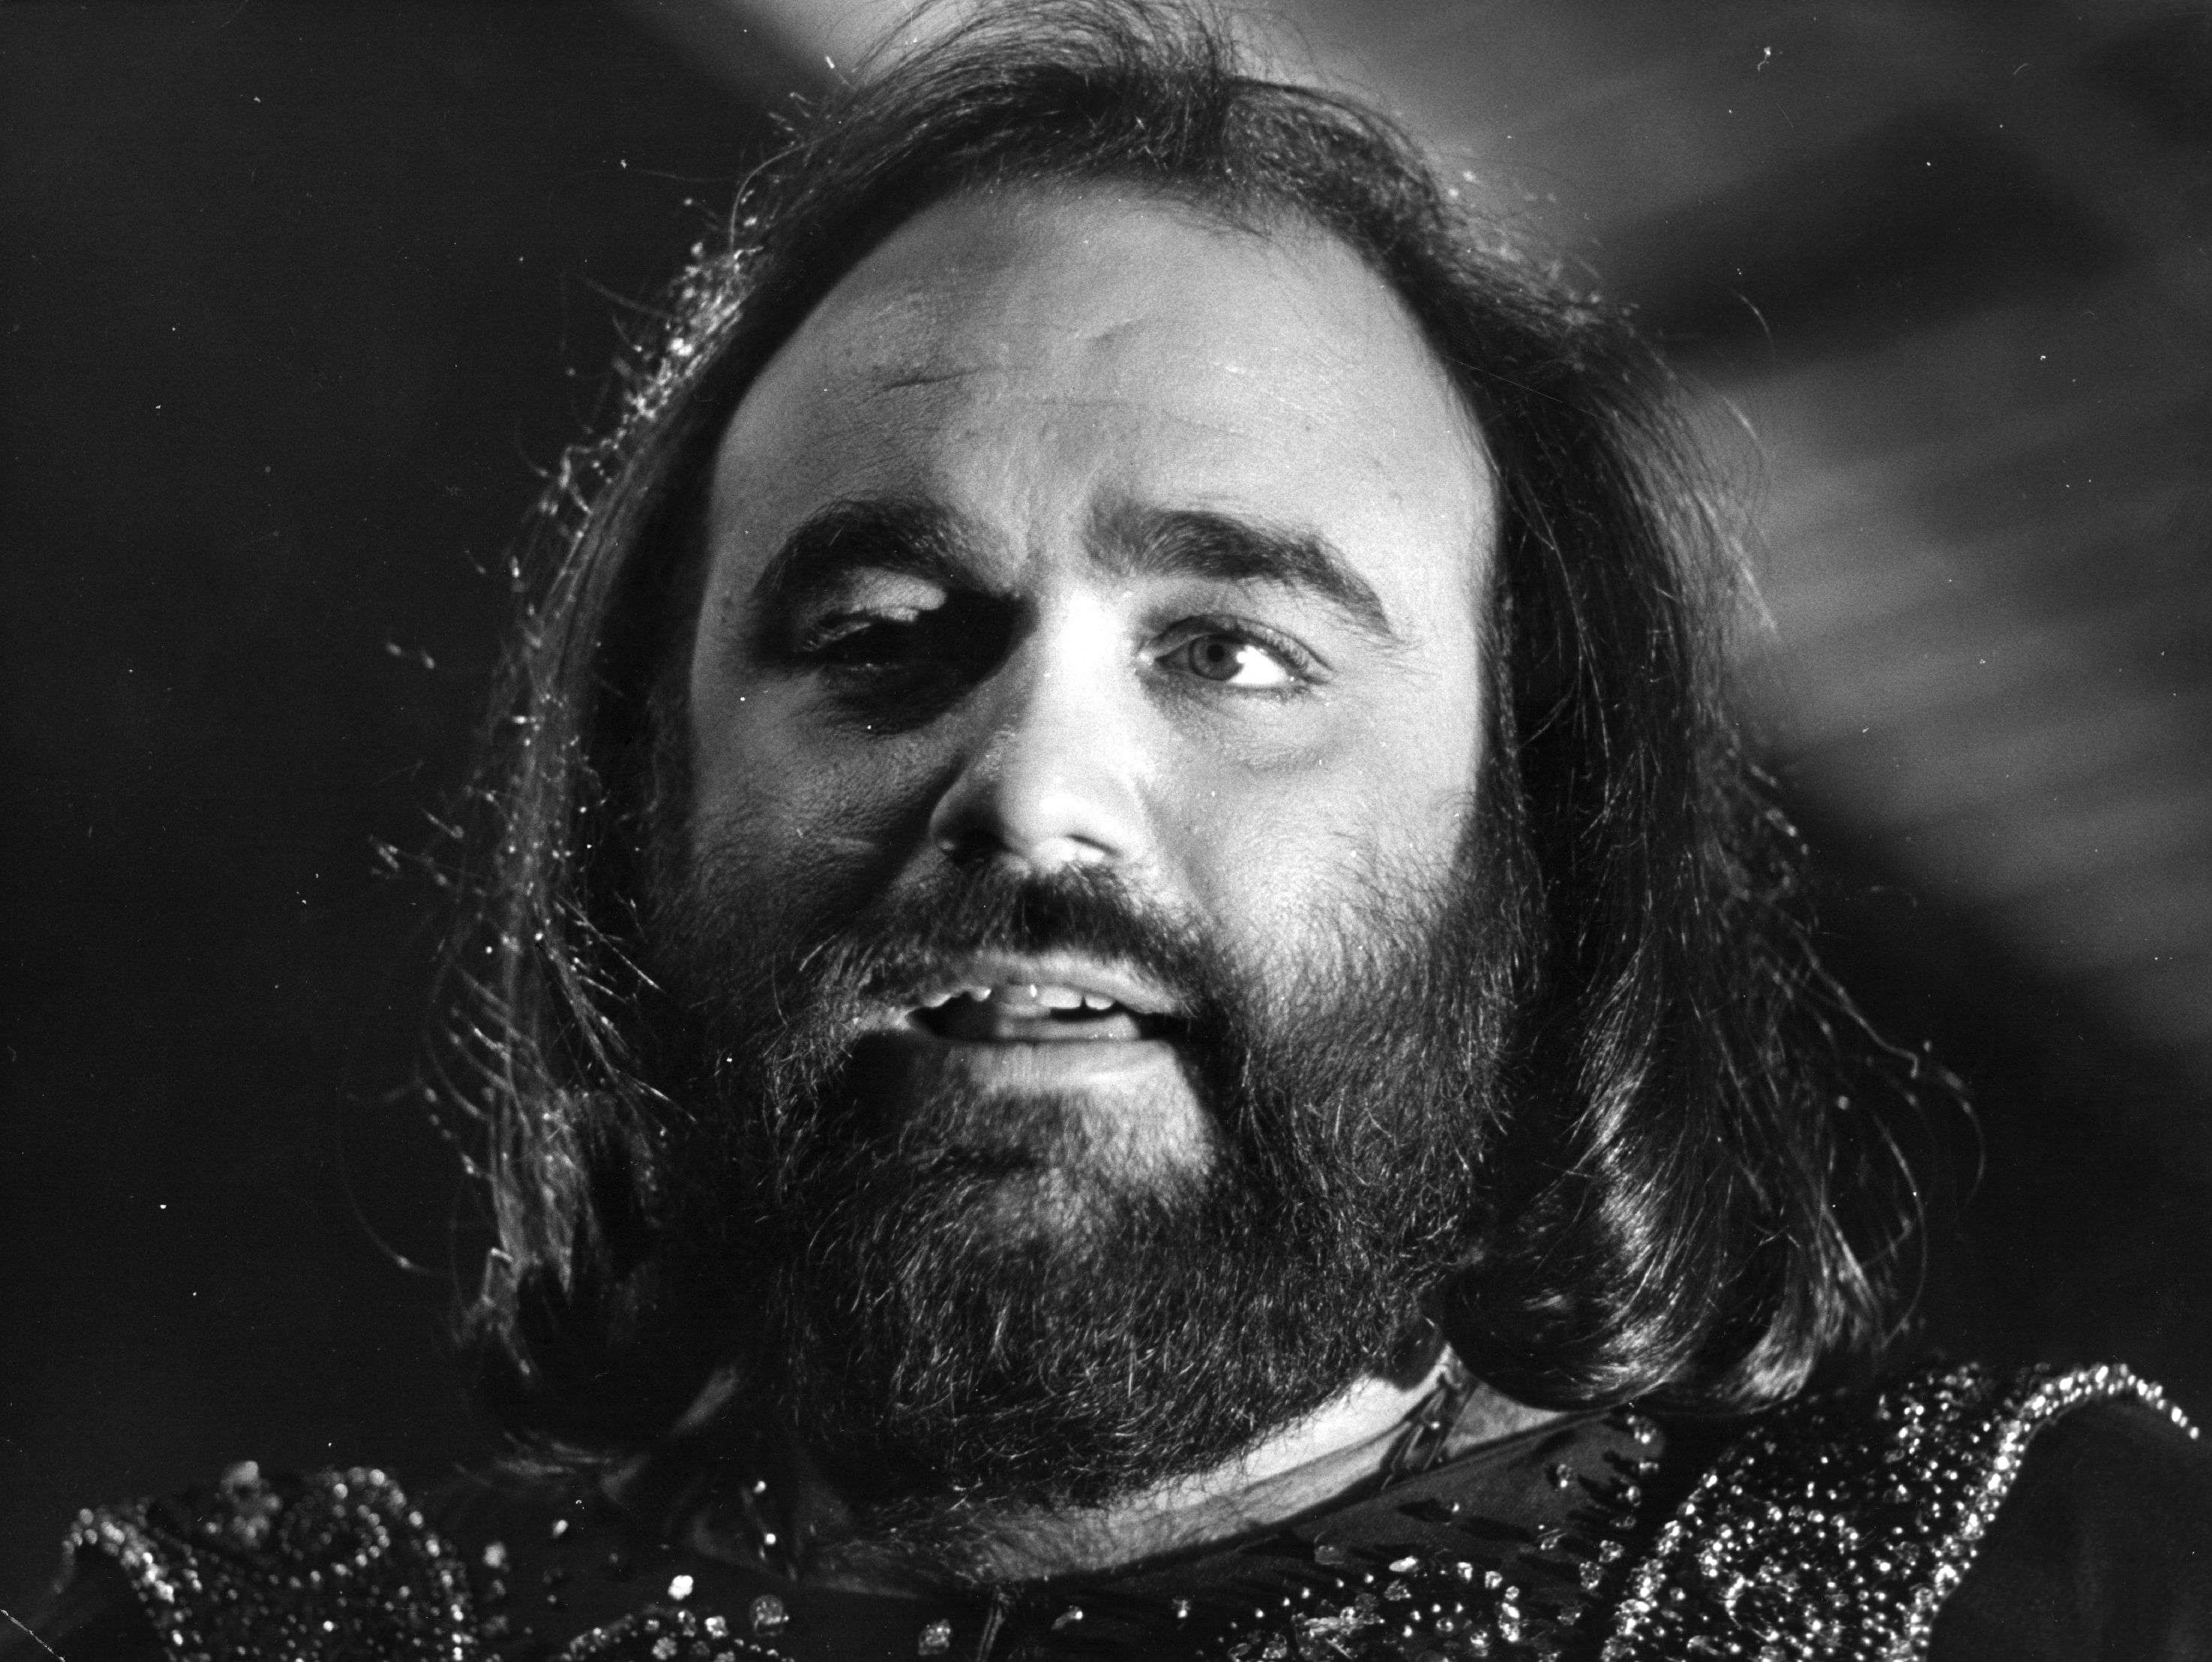 Imagen del cantante Demis Roussos en 1975 Foto: Getty